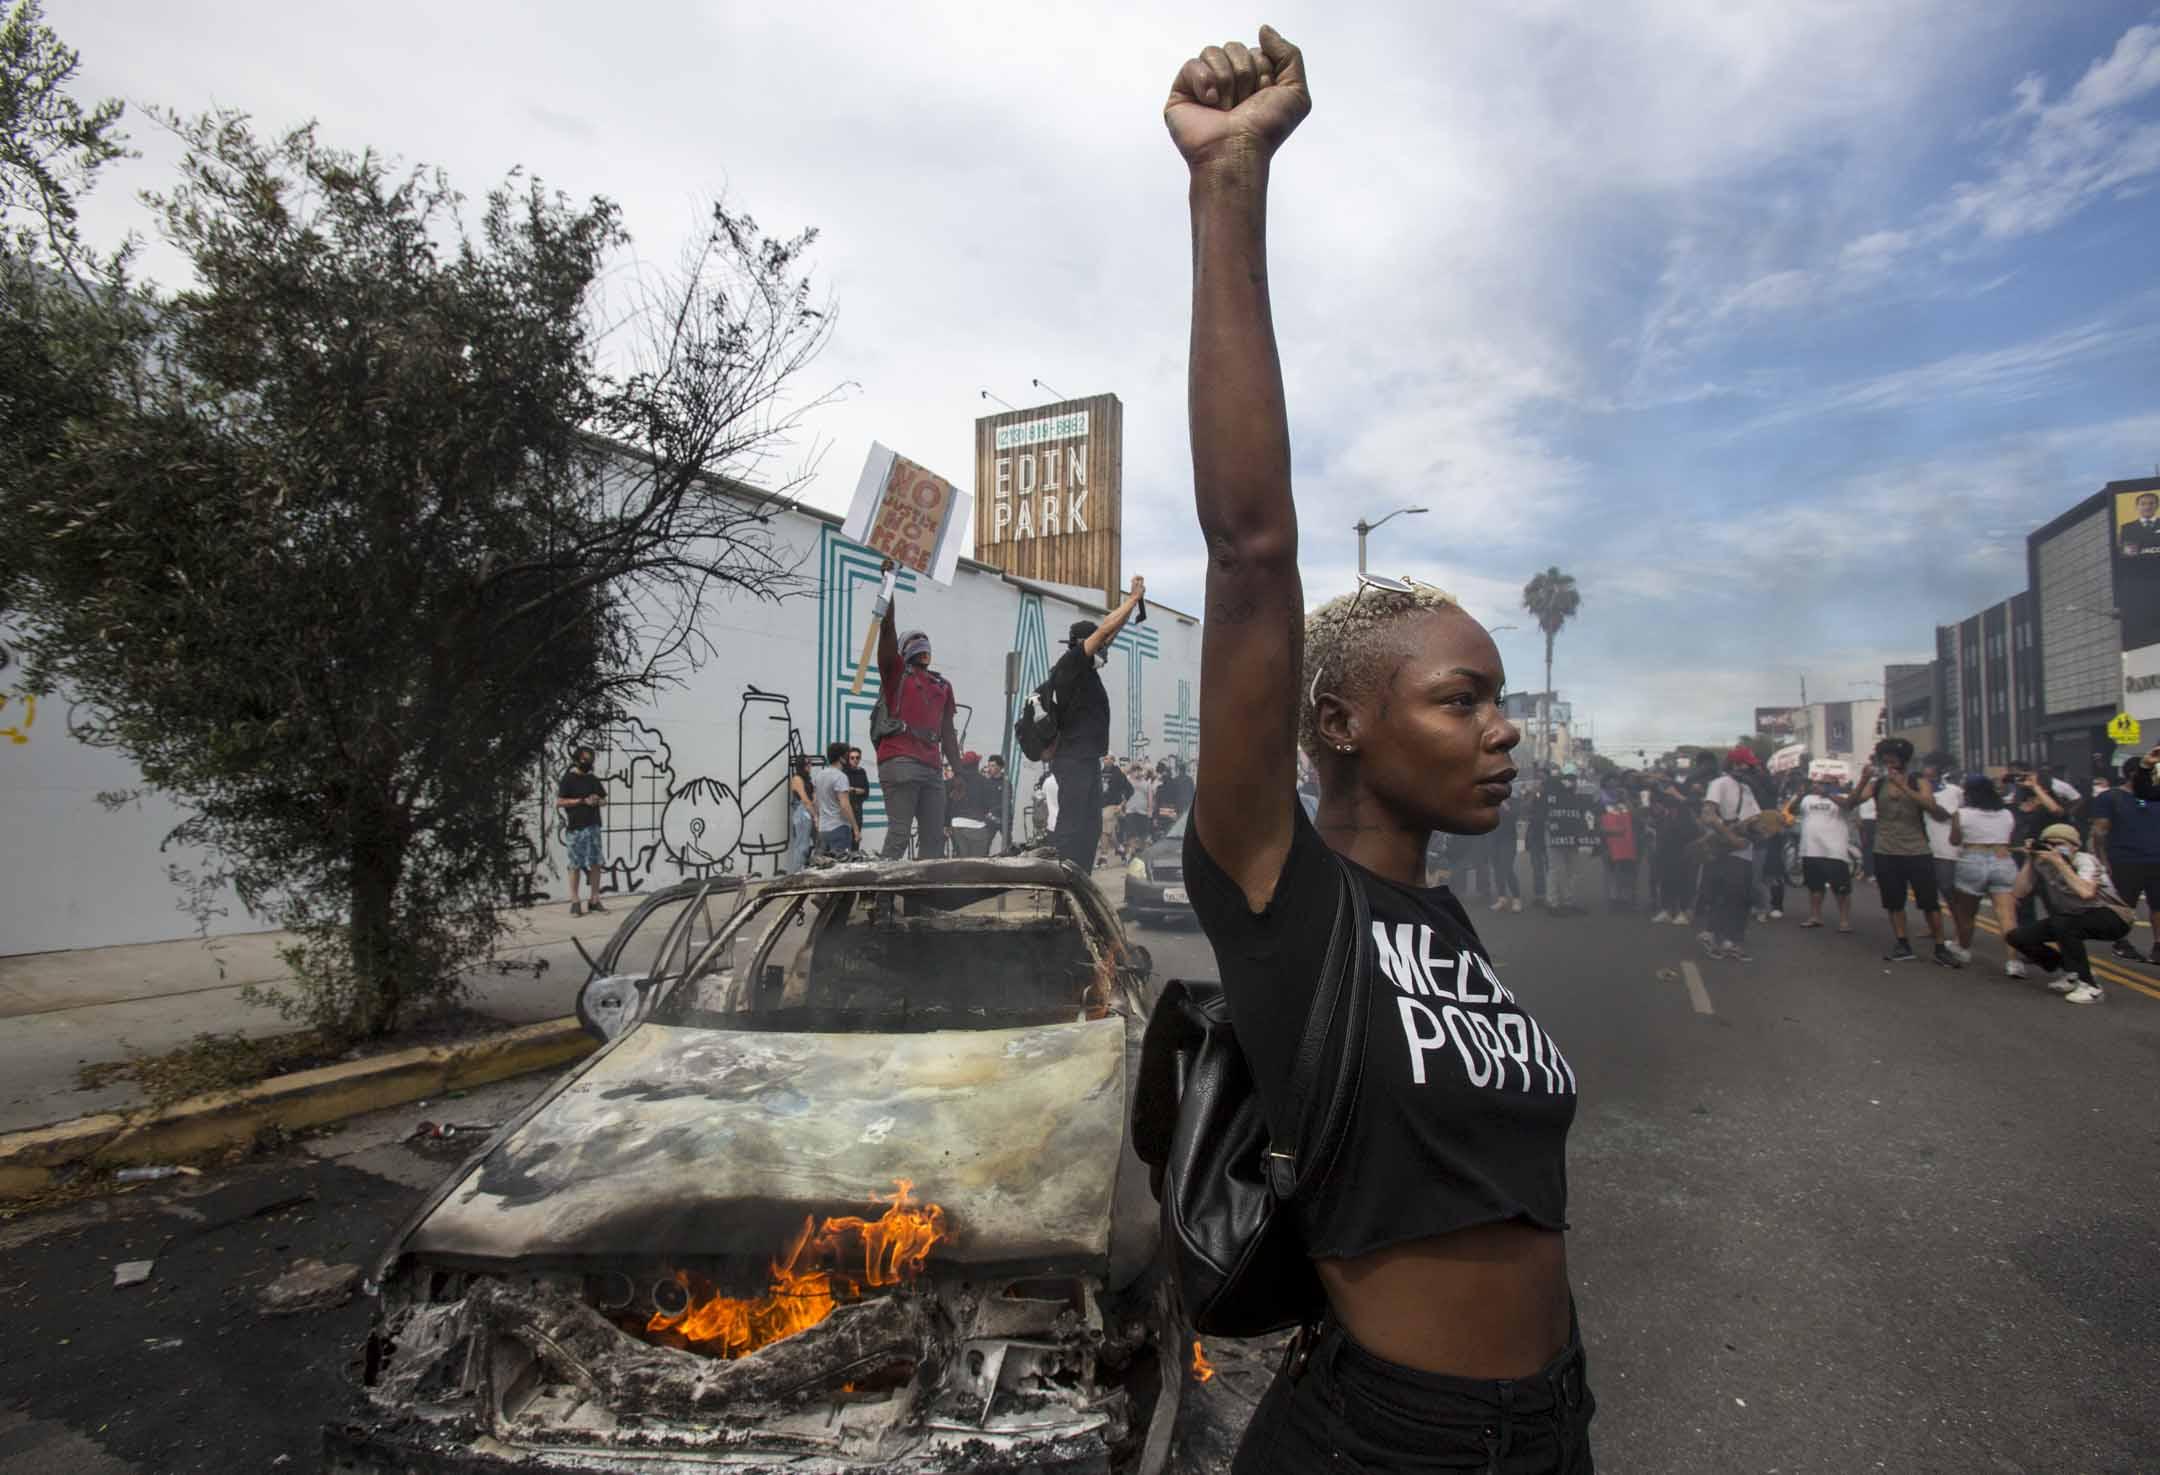 2020年5月30日,美國加州城市洛杉磯,有示威悼念明尼亞波利斯被警察粗暴壓頸致死的黑人男子 George Floyd,一名示威者在一輛焚燒中的警車前舉起拳頭。